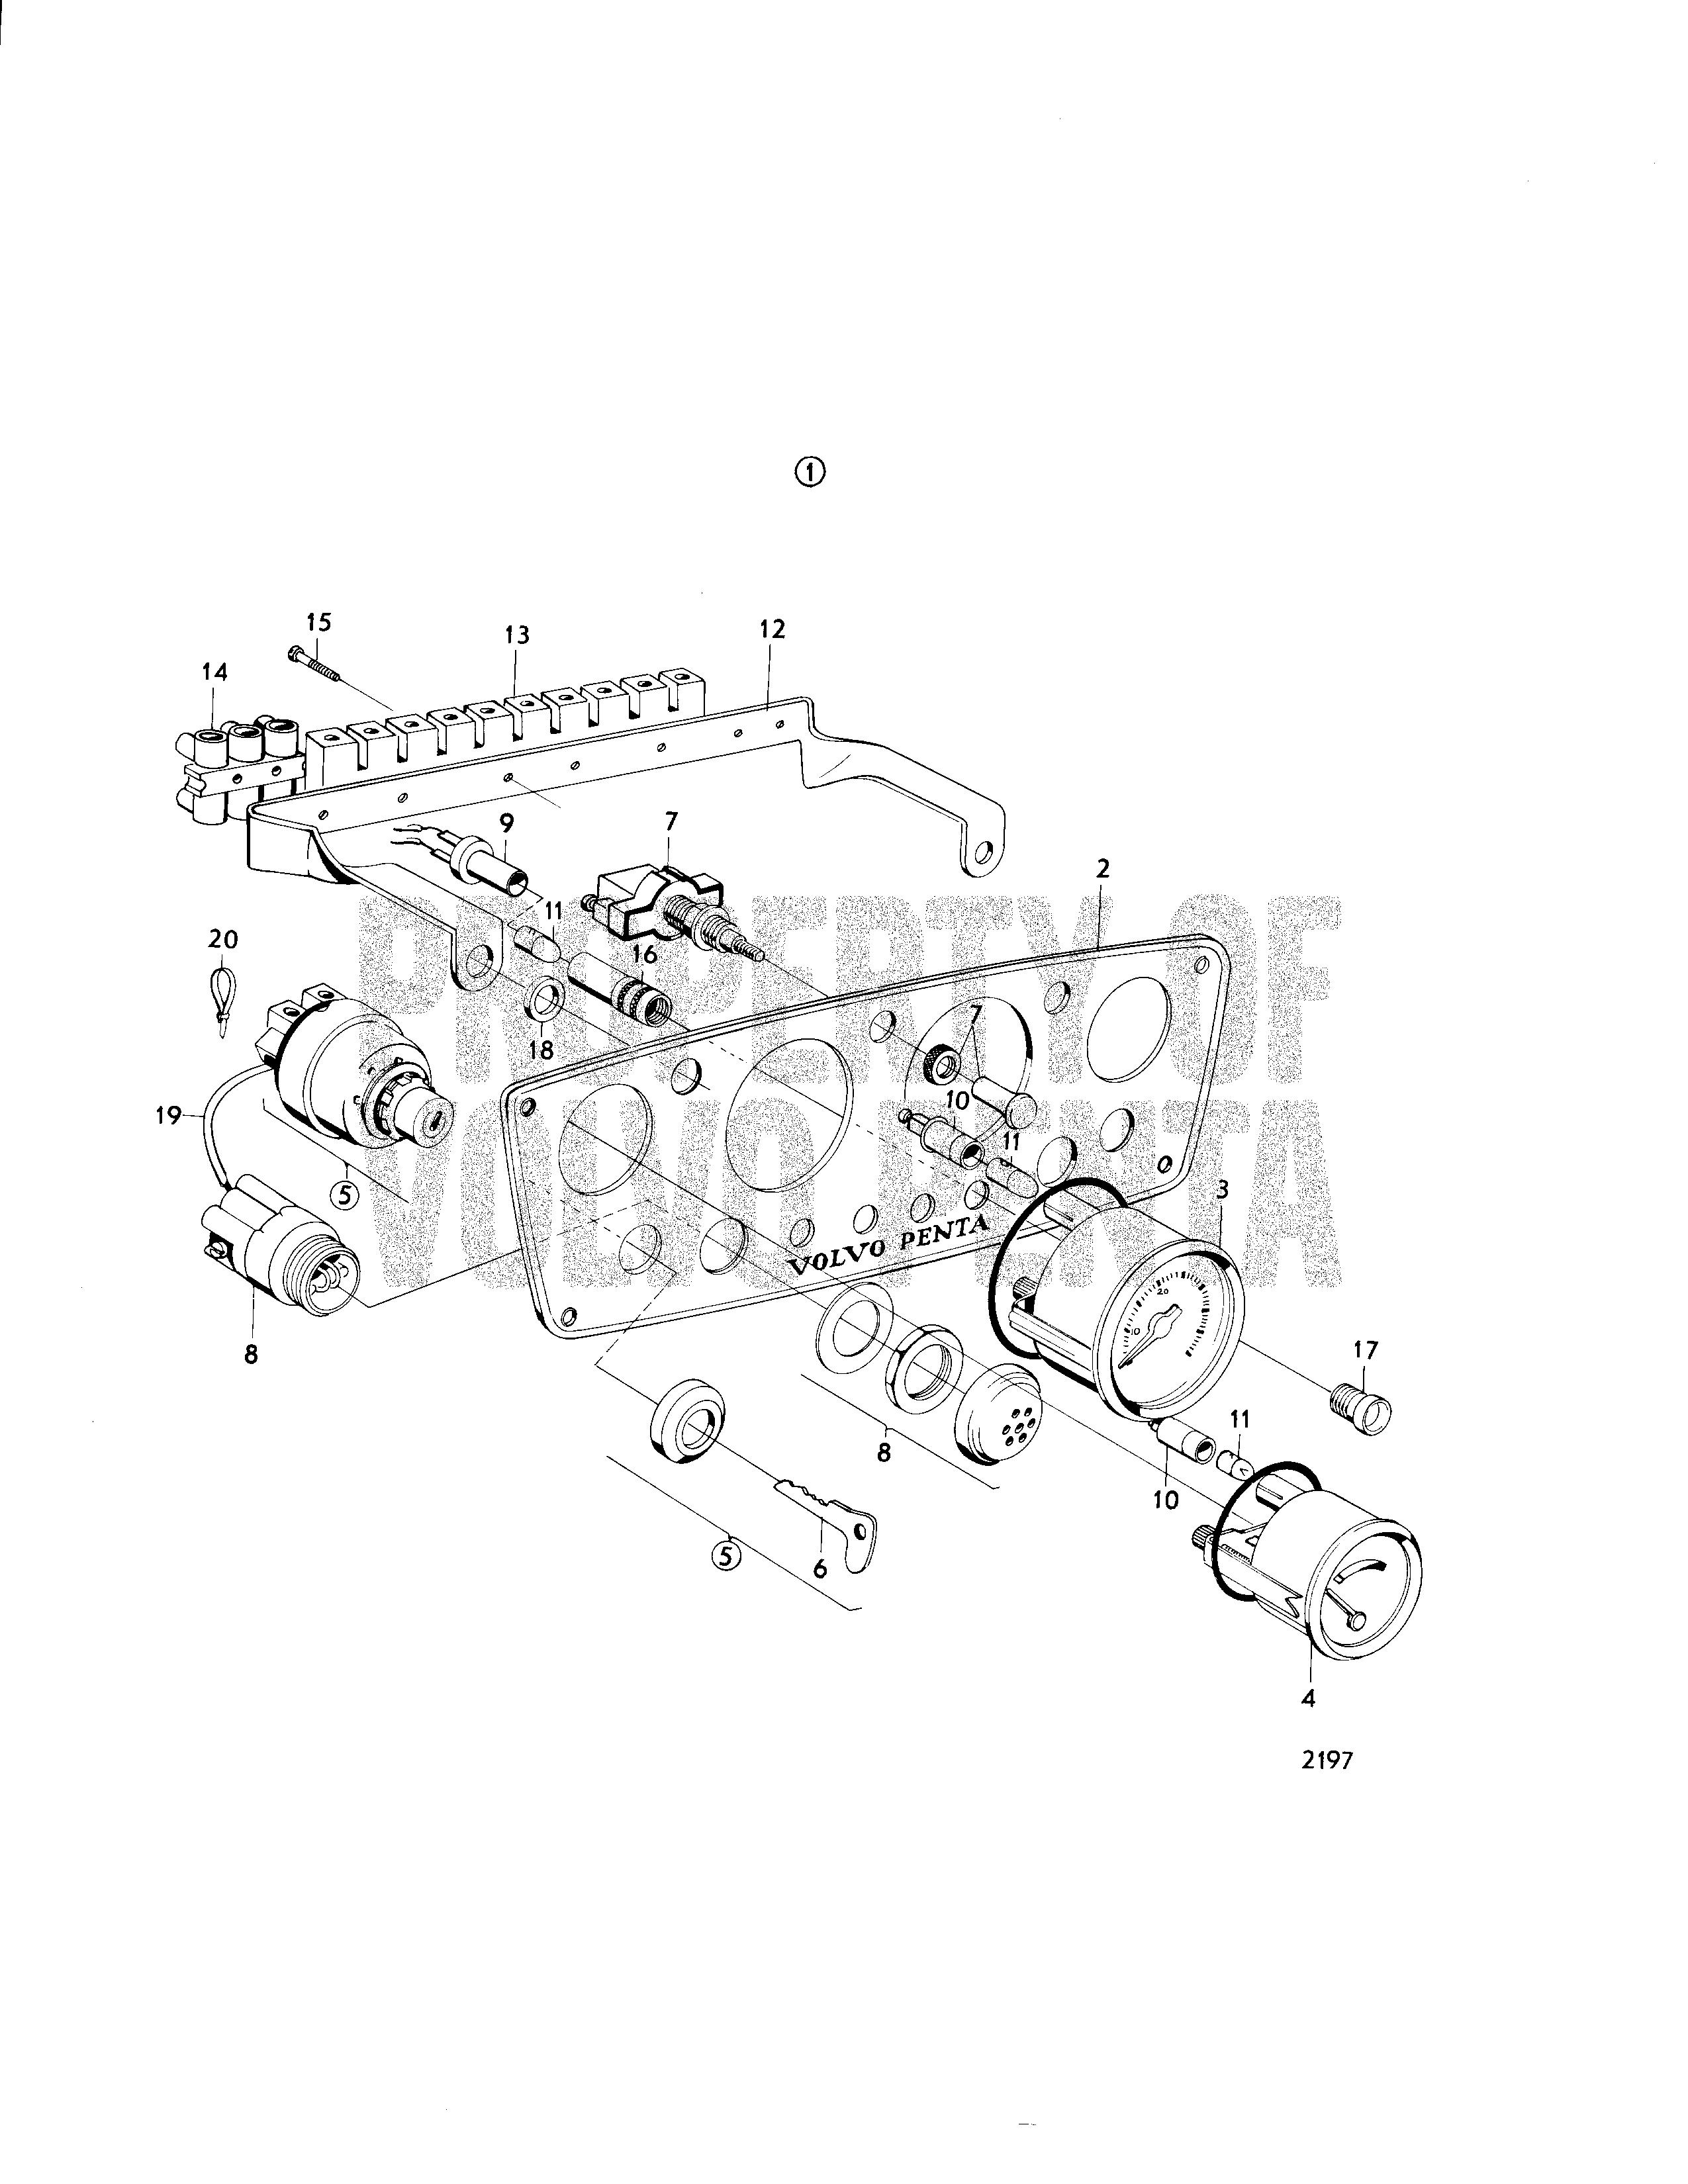 Aq130 Wiring Diagram